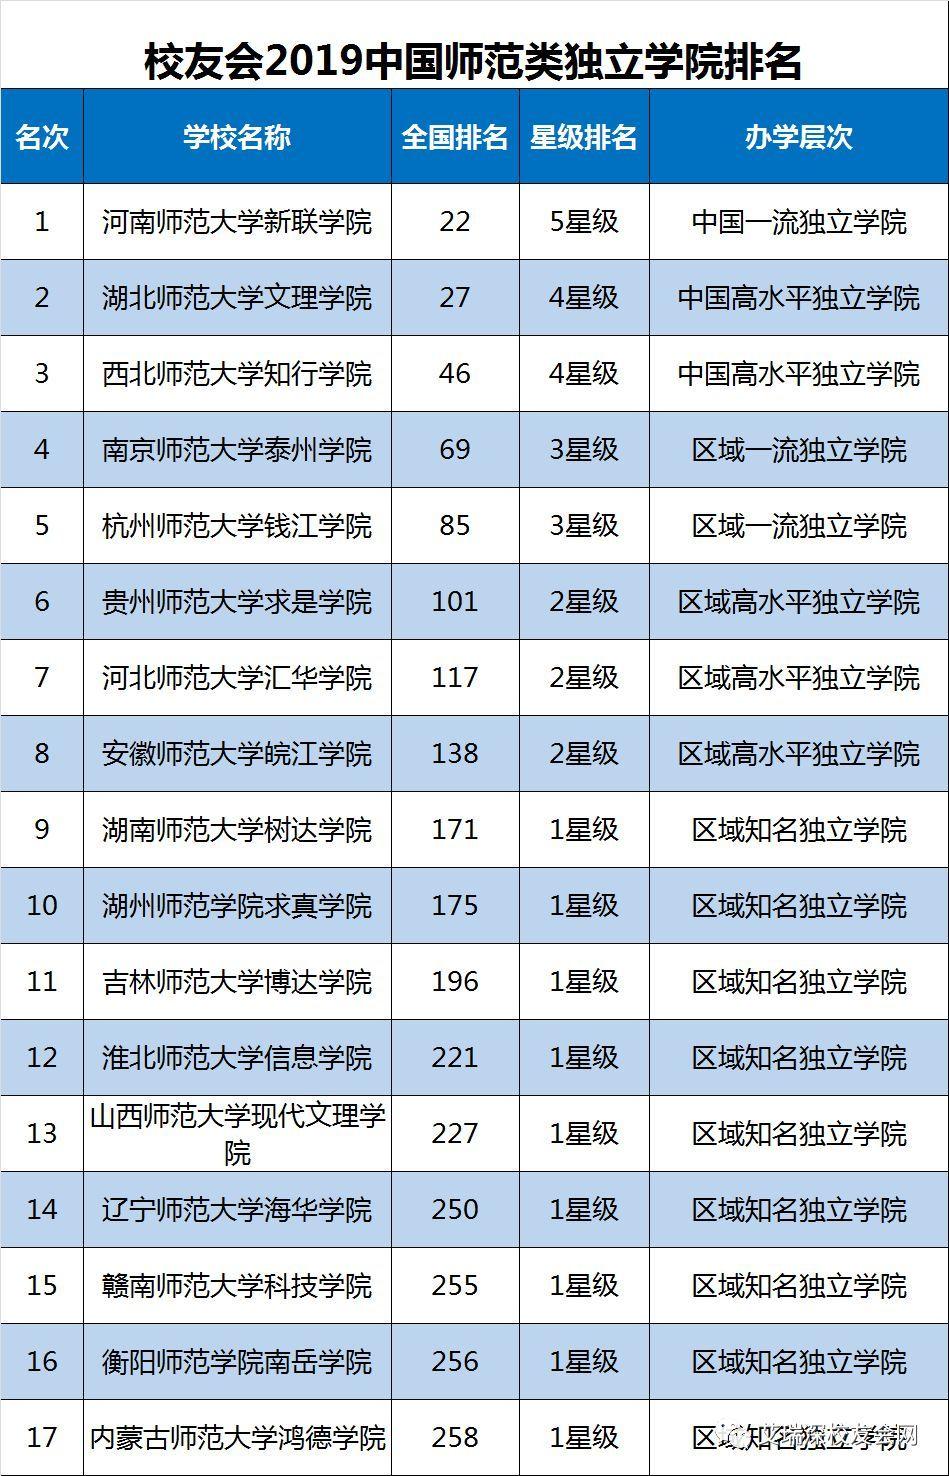 2019民办高校排行榜_霸气 泰州这所高校稳居中国独立学院前十强,蝉联江